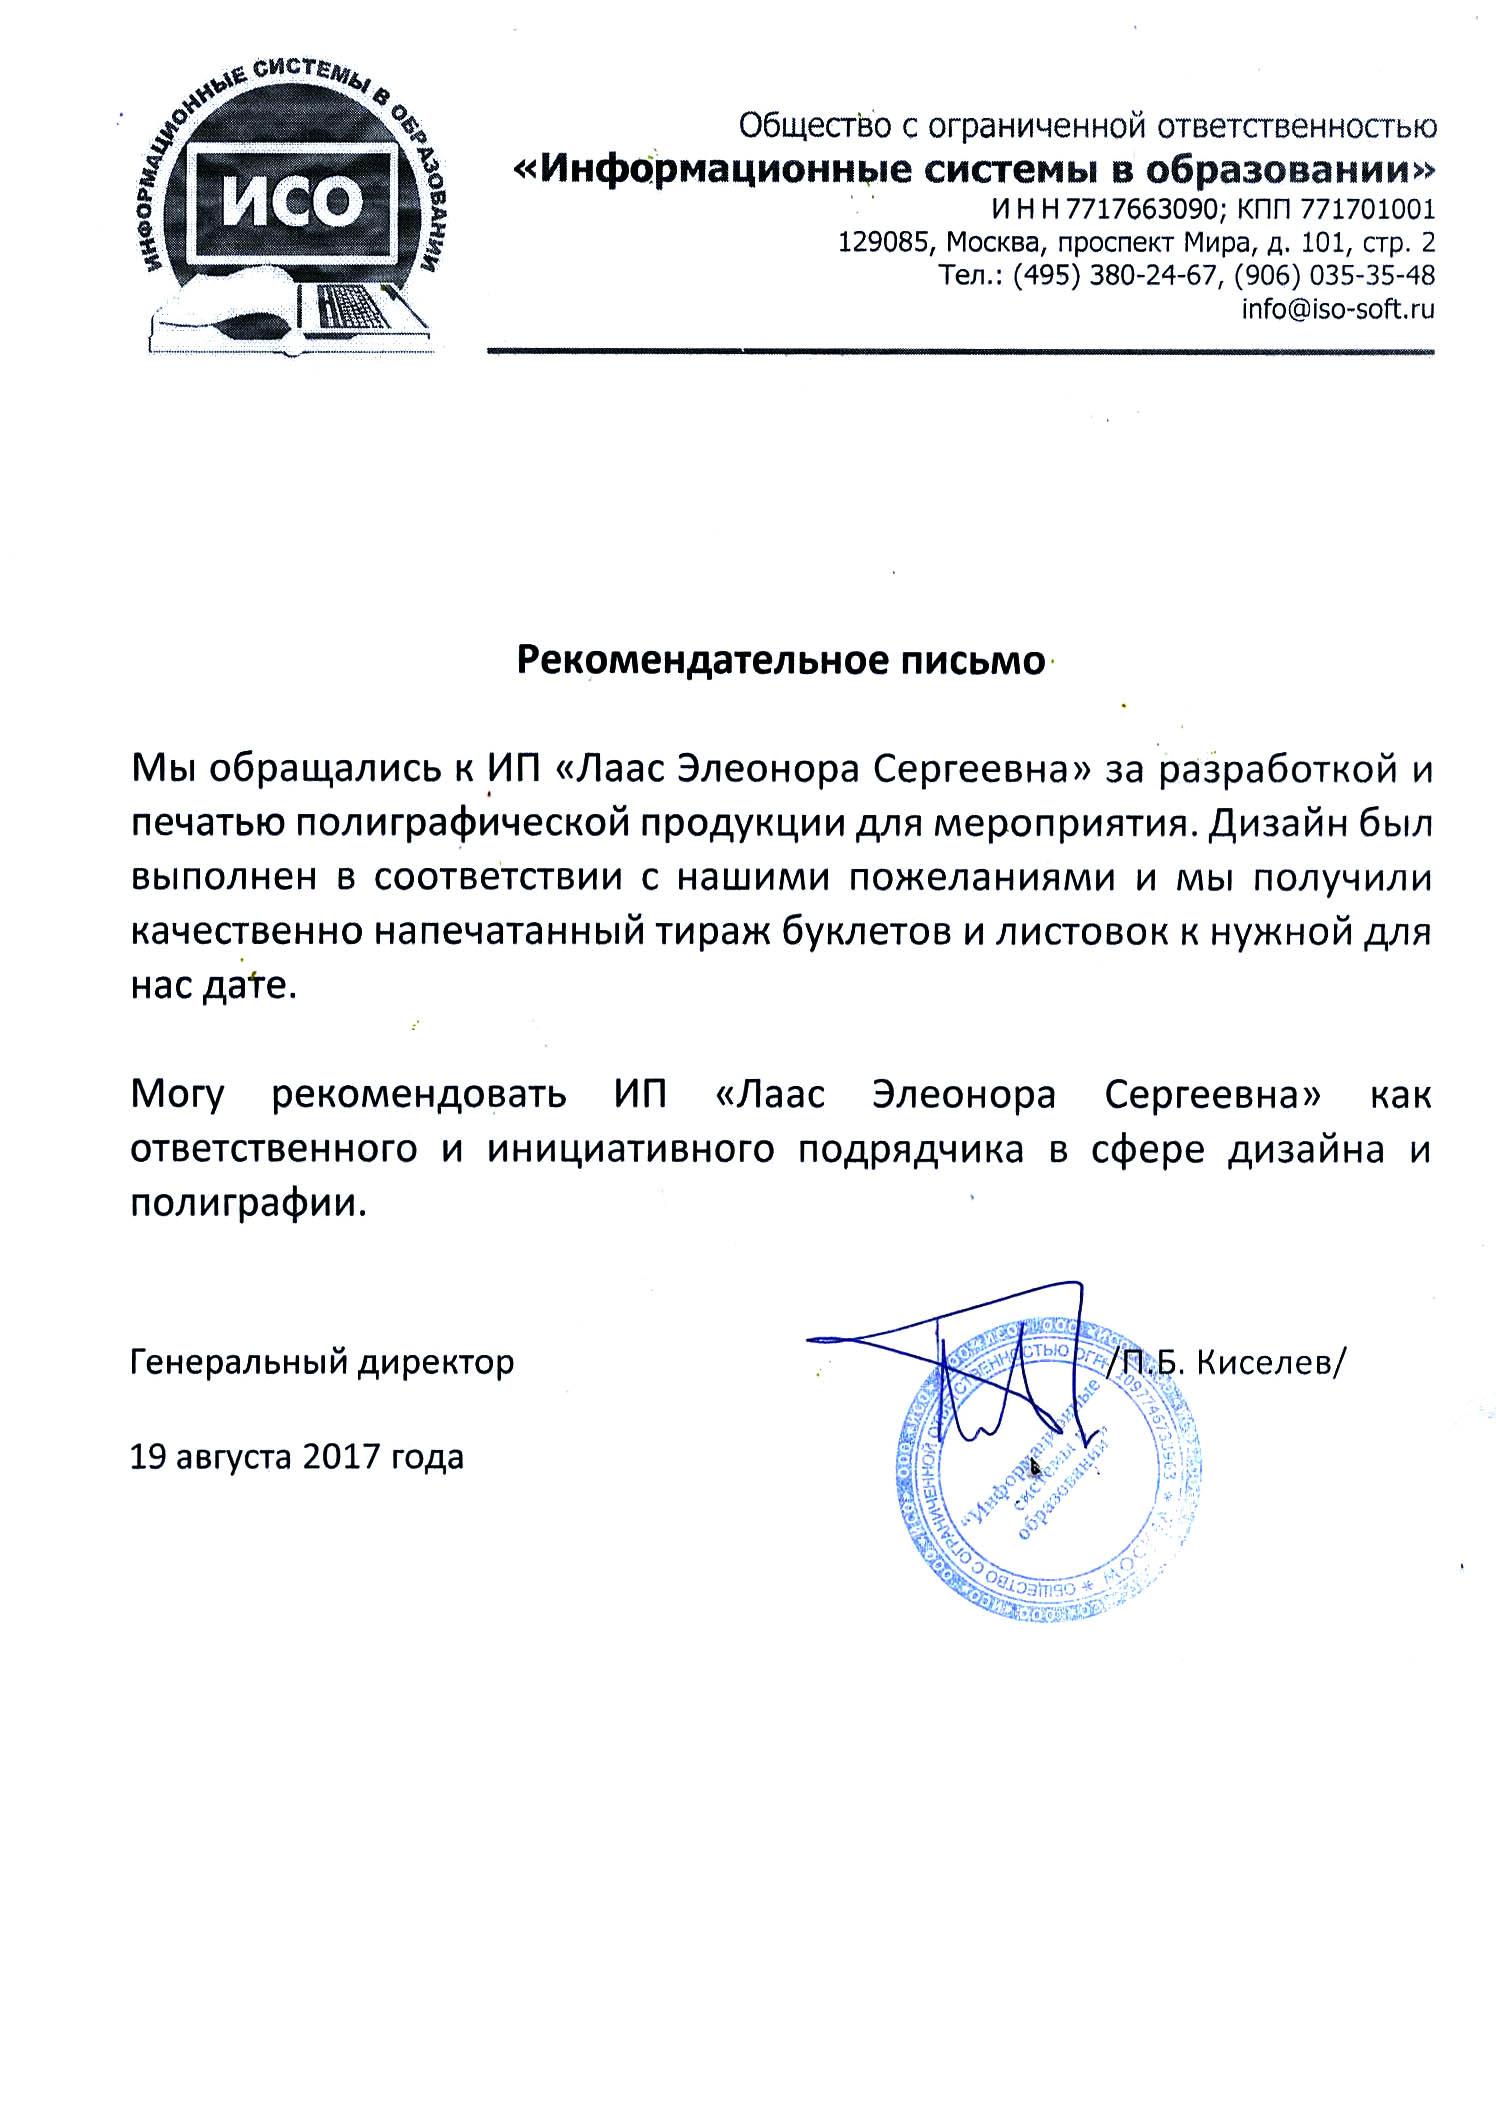 ООО «Информационные  системы в образовании»